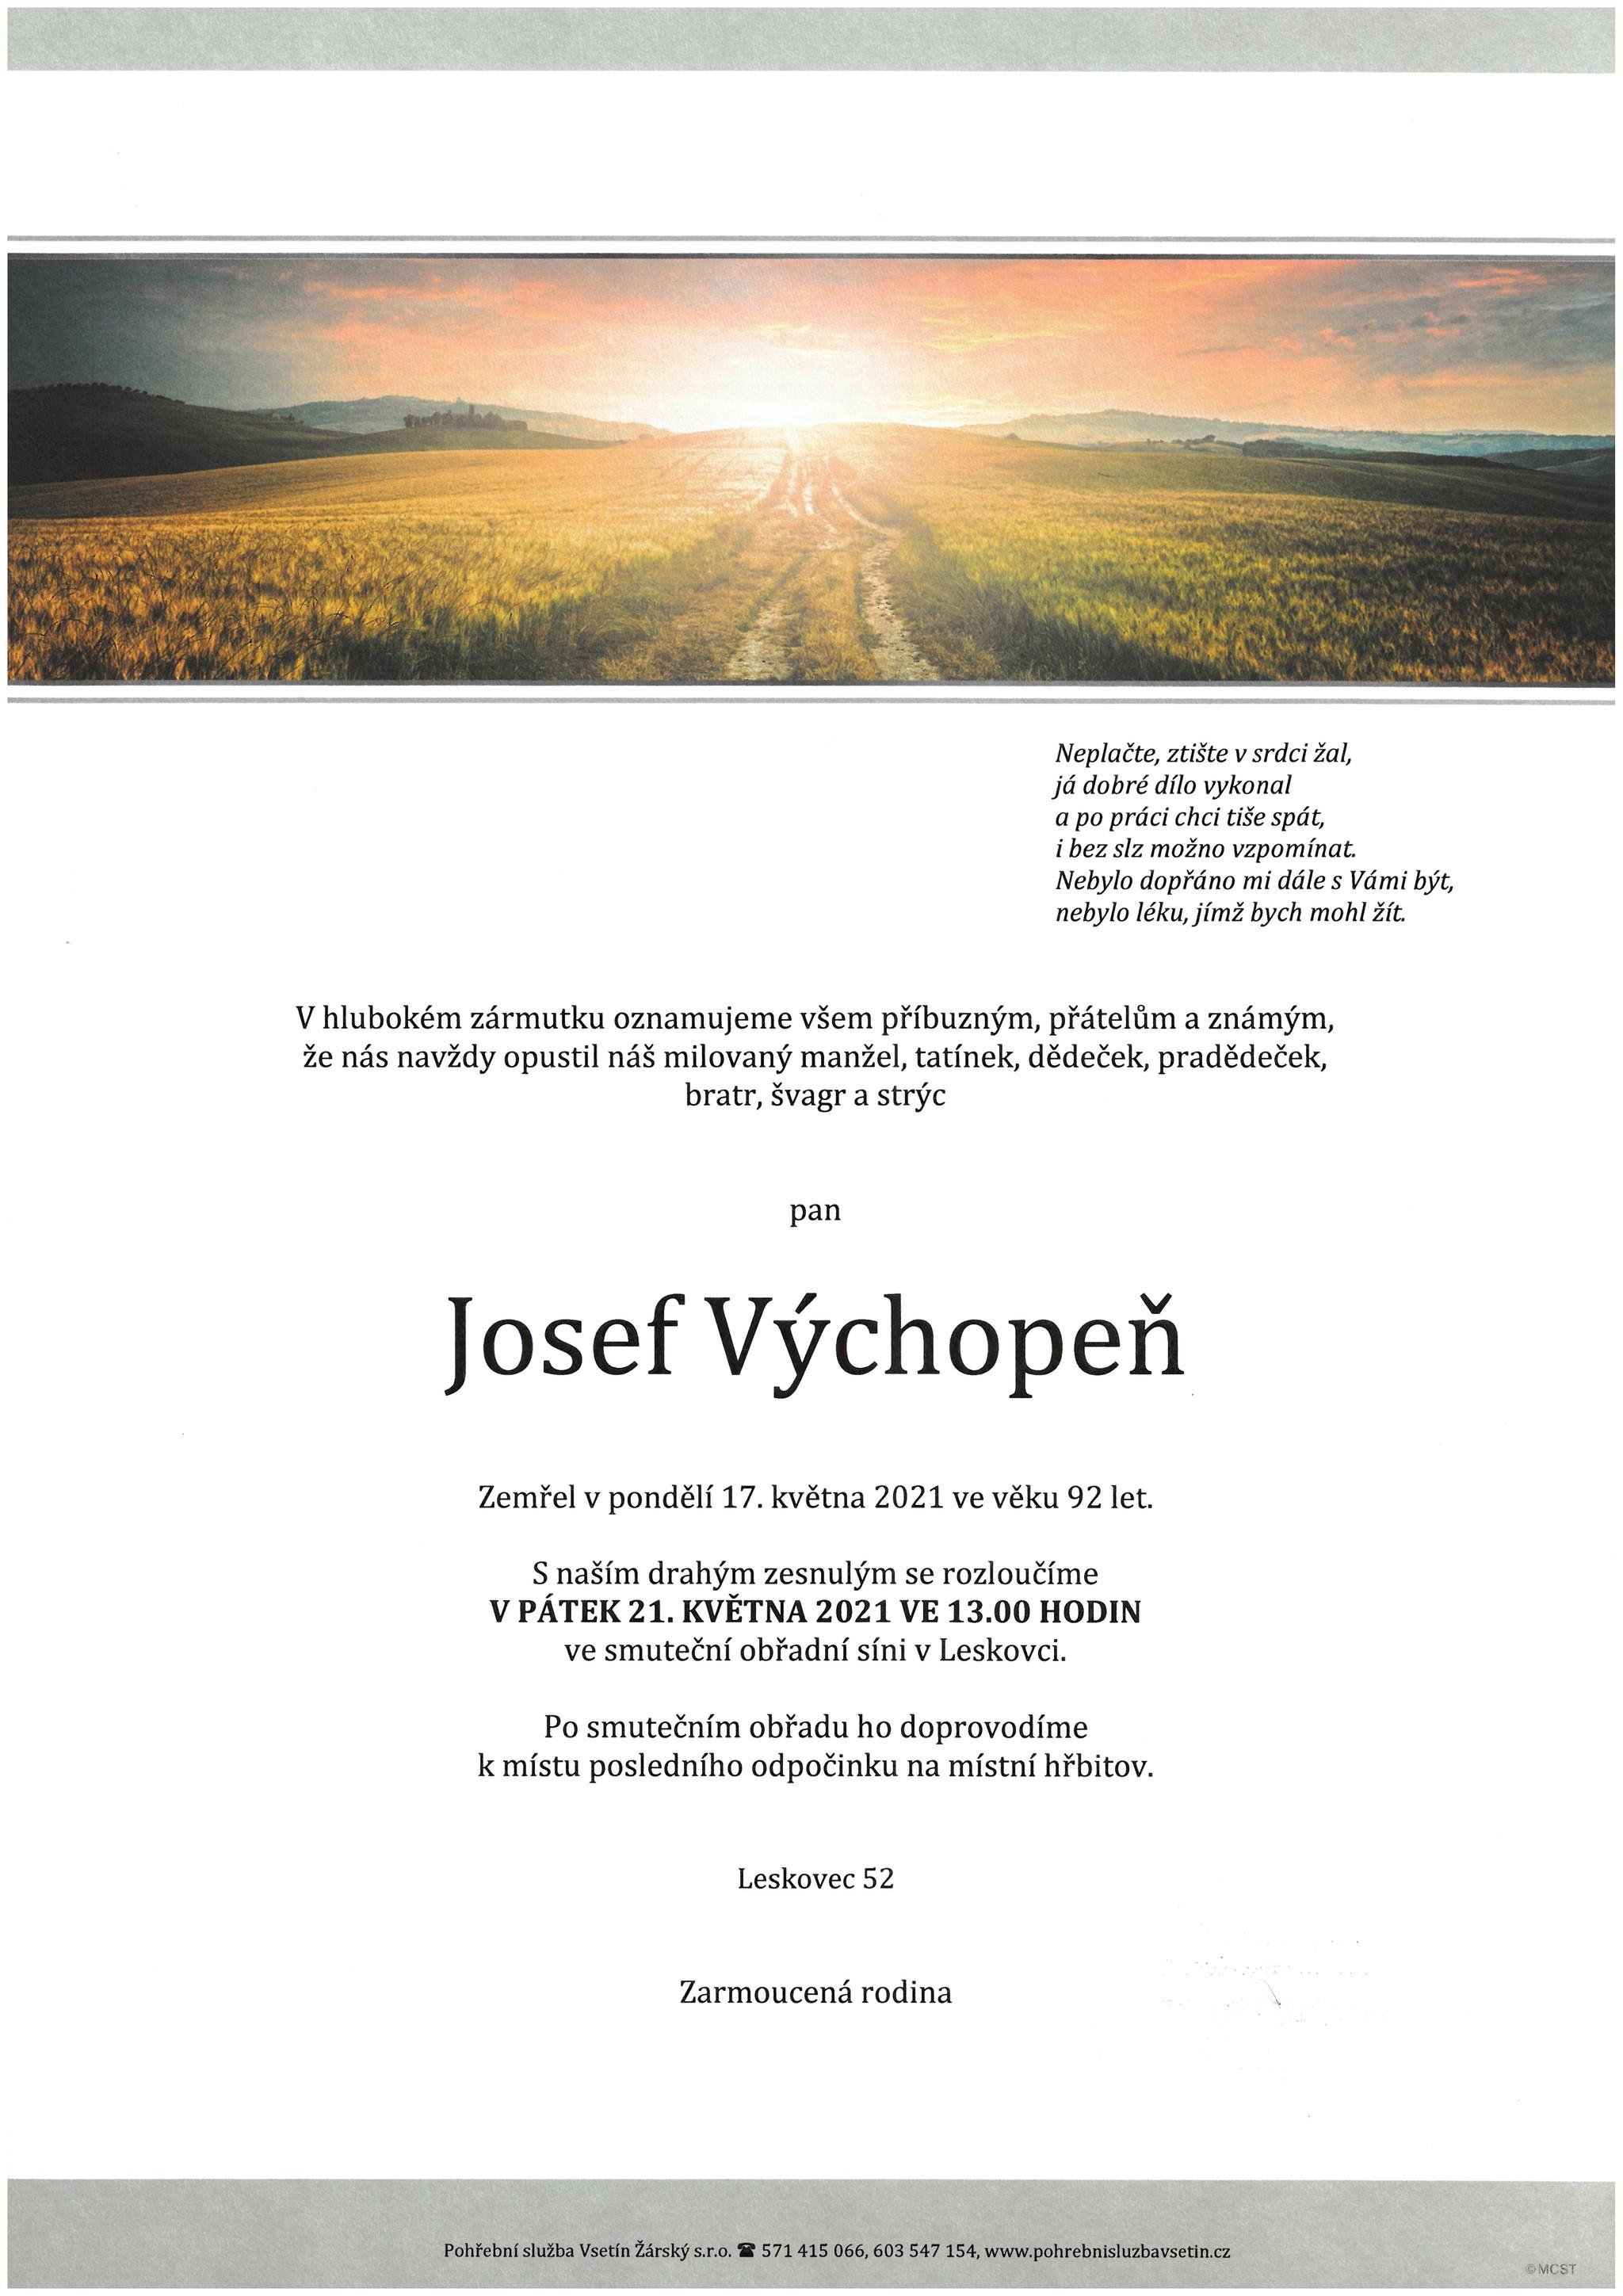 Josef Výchopeň